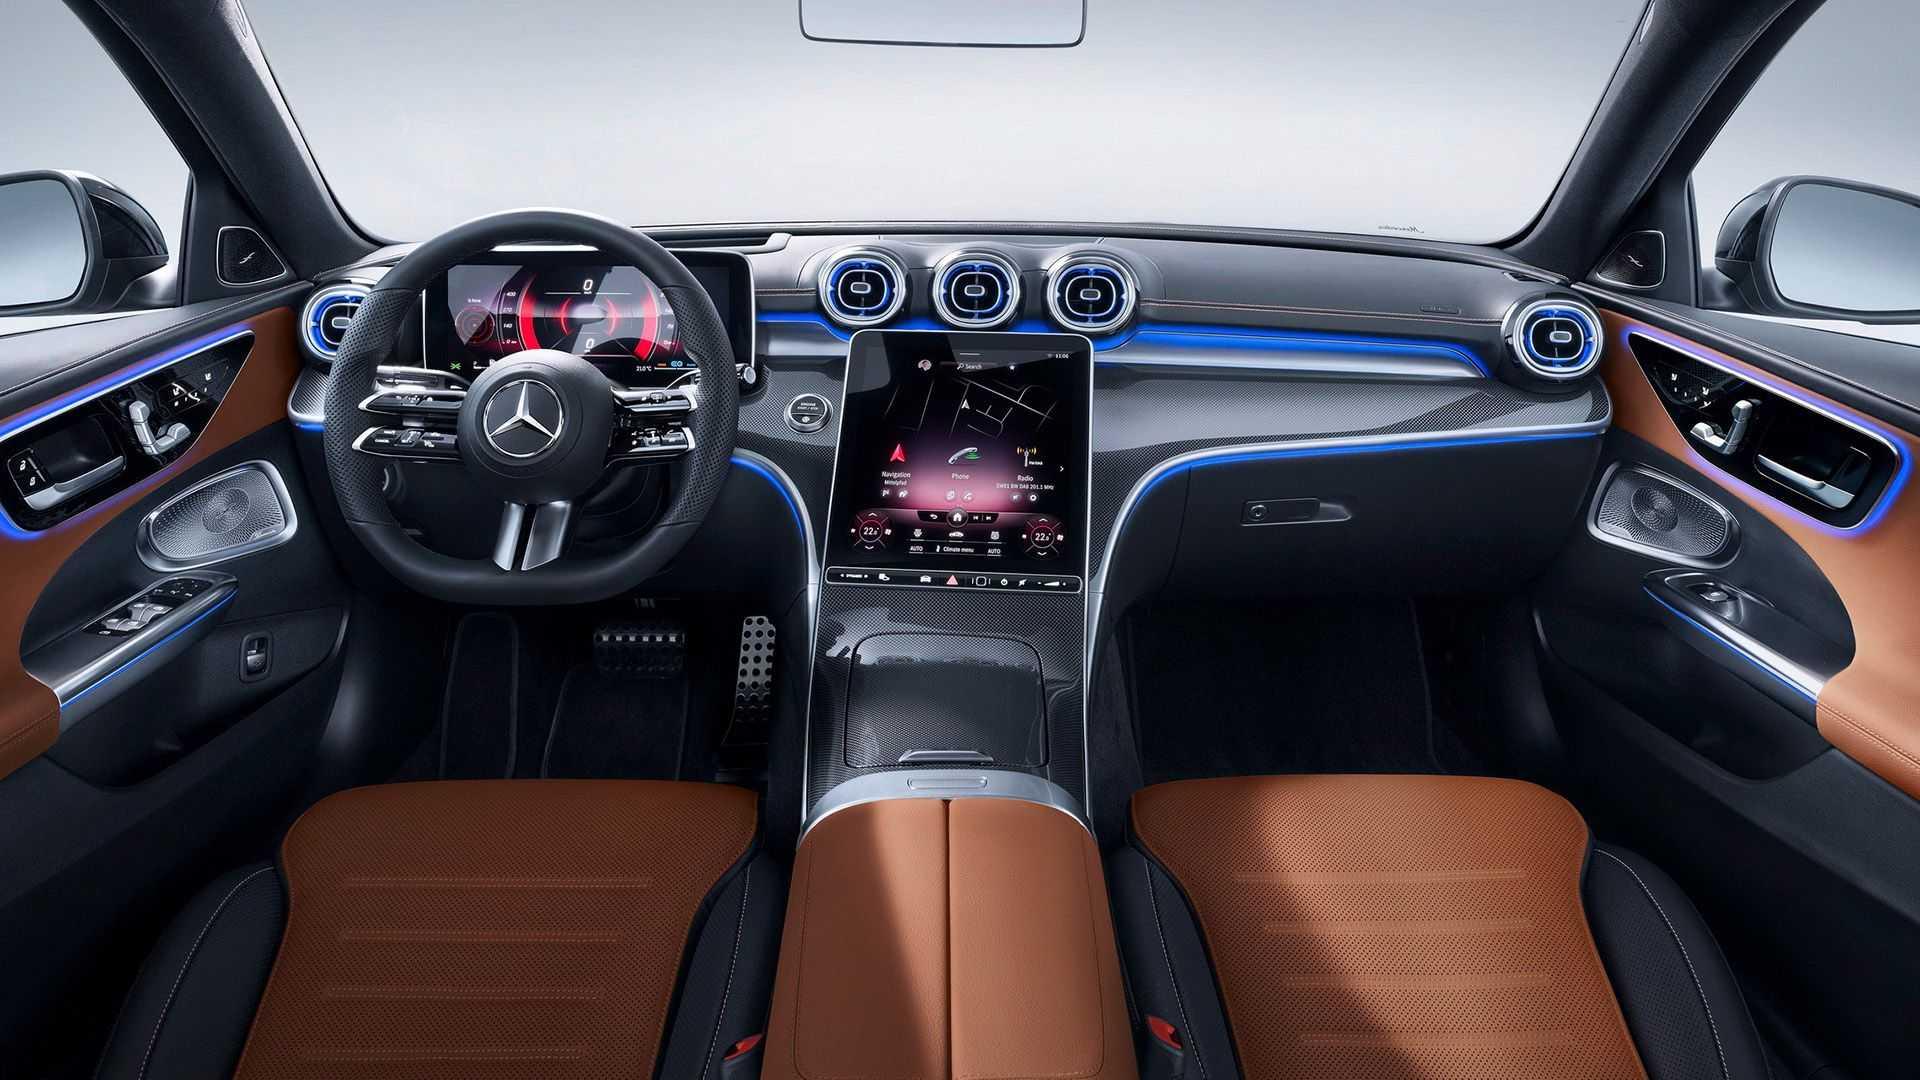 能否刷新细分市场的豪华标准?全新奔驰C级上市售32.52万元起